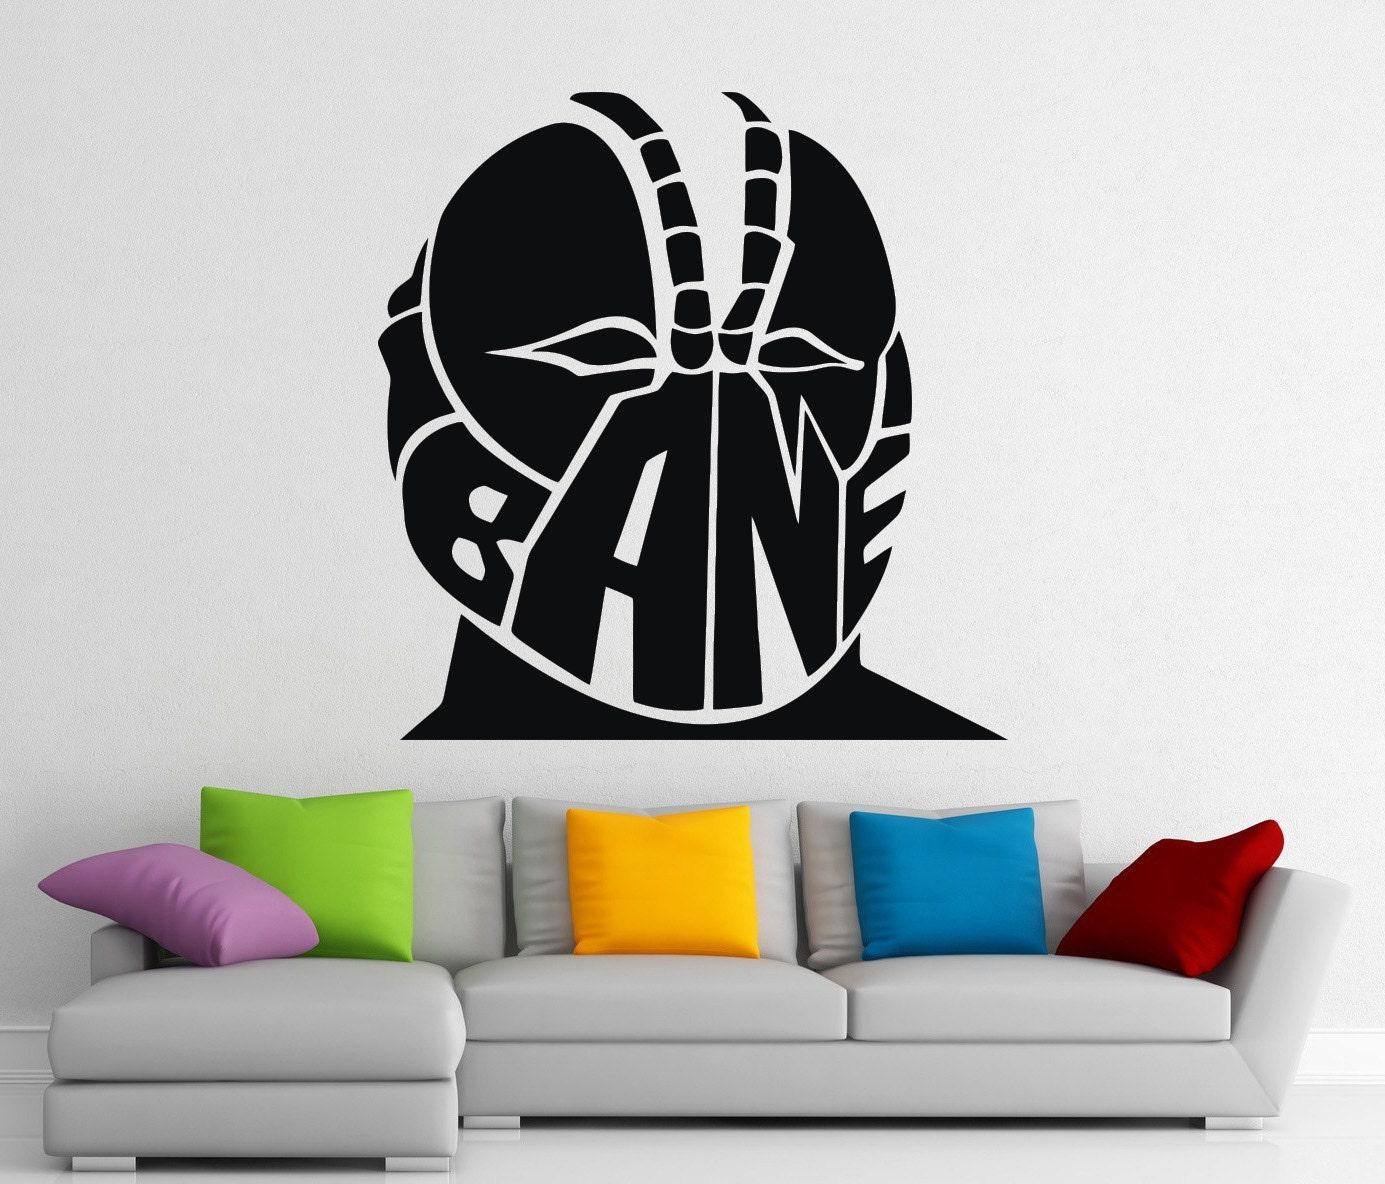 Bane Dc Comics Stickers Wall Vinyl Decals Home Interior Murals Etsy